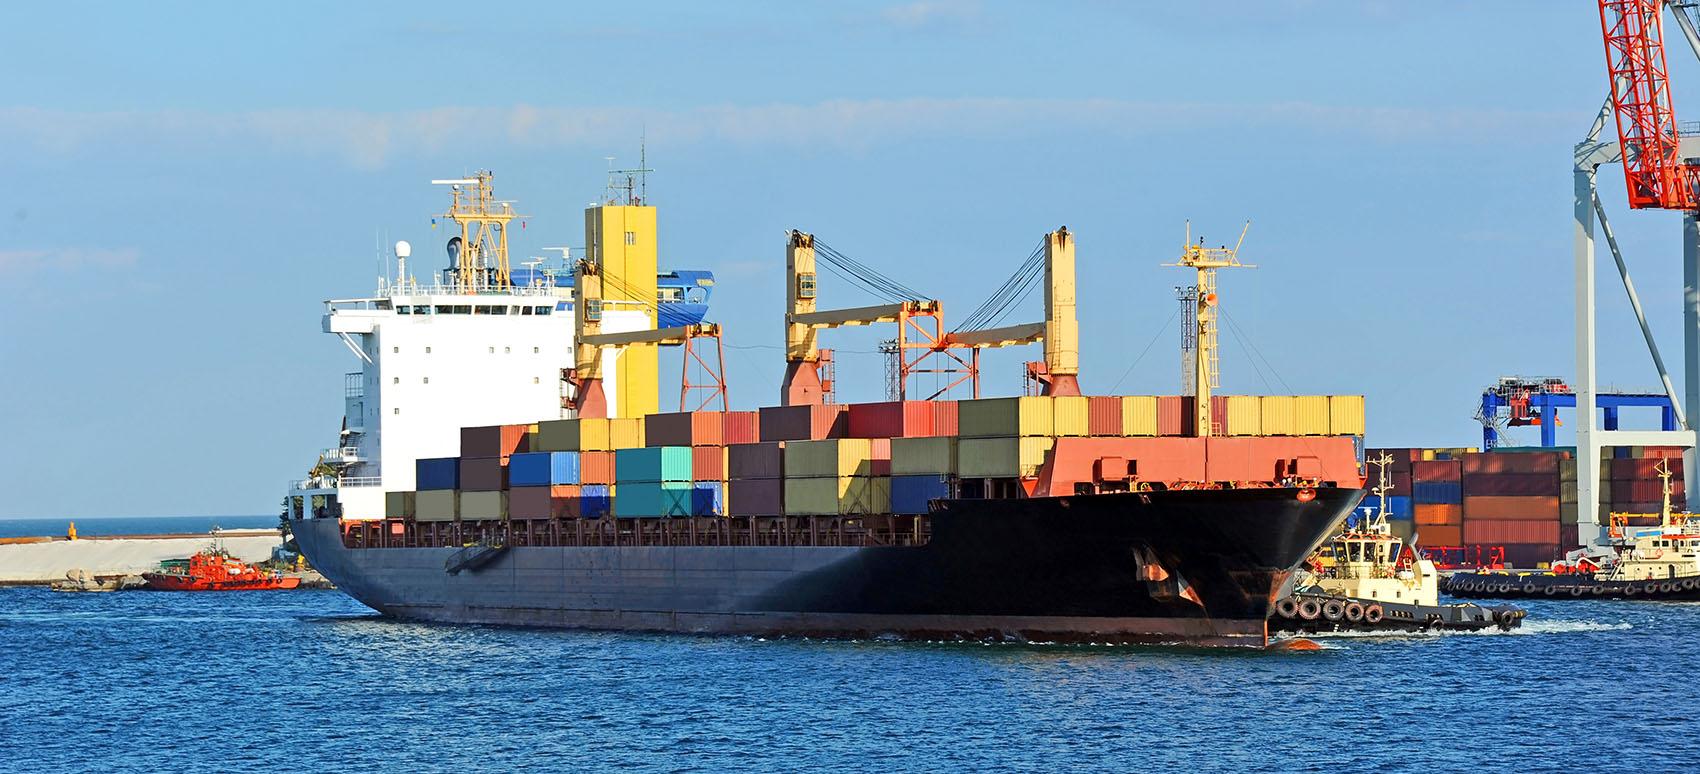 I et stærkt udfordret søfragtsmarked chartrer DSV i Danmark ad hoc tre skibe for at sikre forsyningskæder fra Kina.